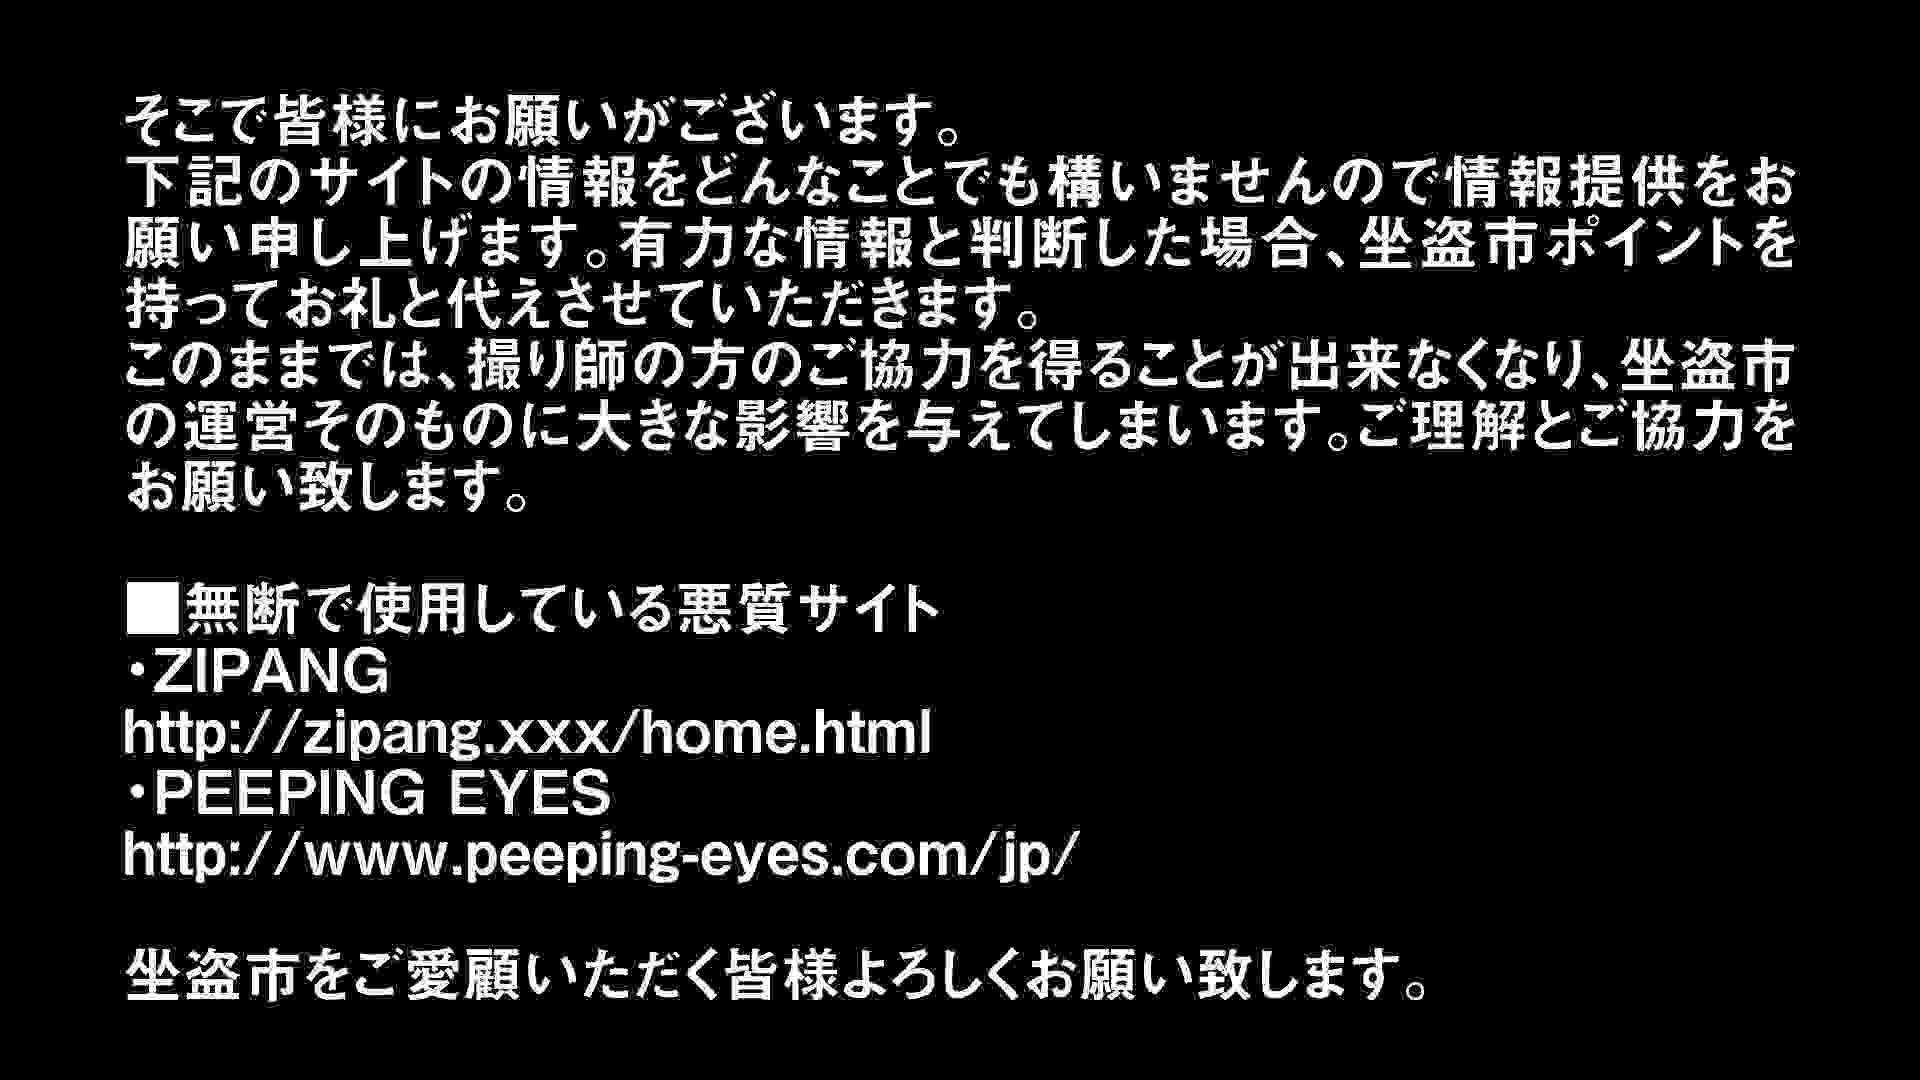 Aquaな露天風呂Vol.301 OLハメ撮り  41Pix 14